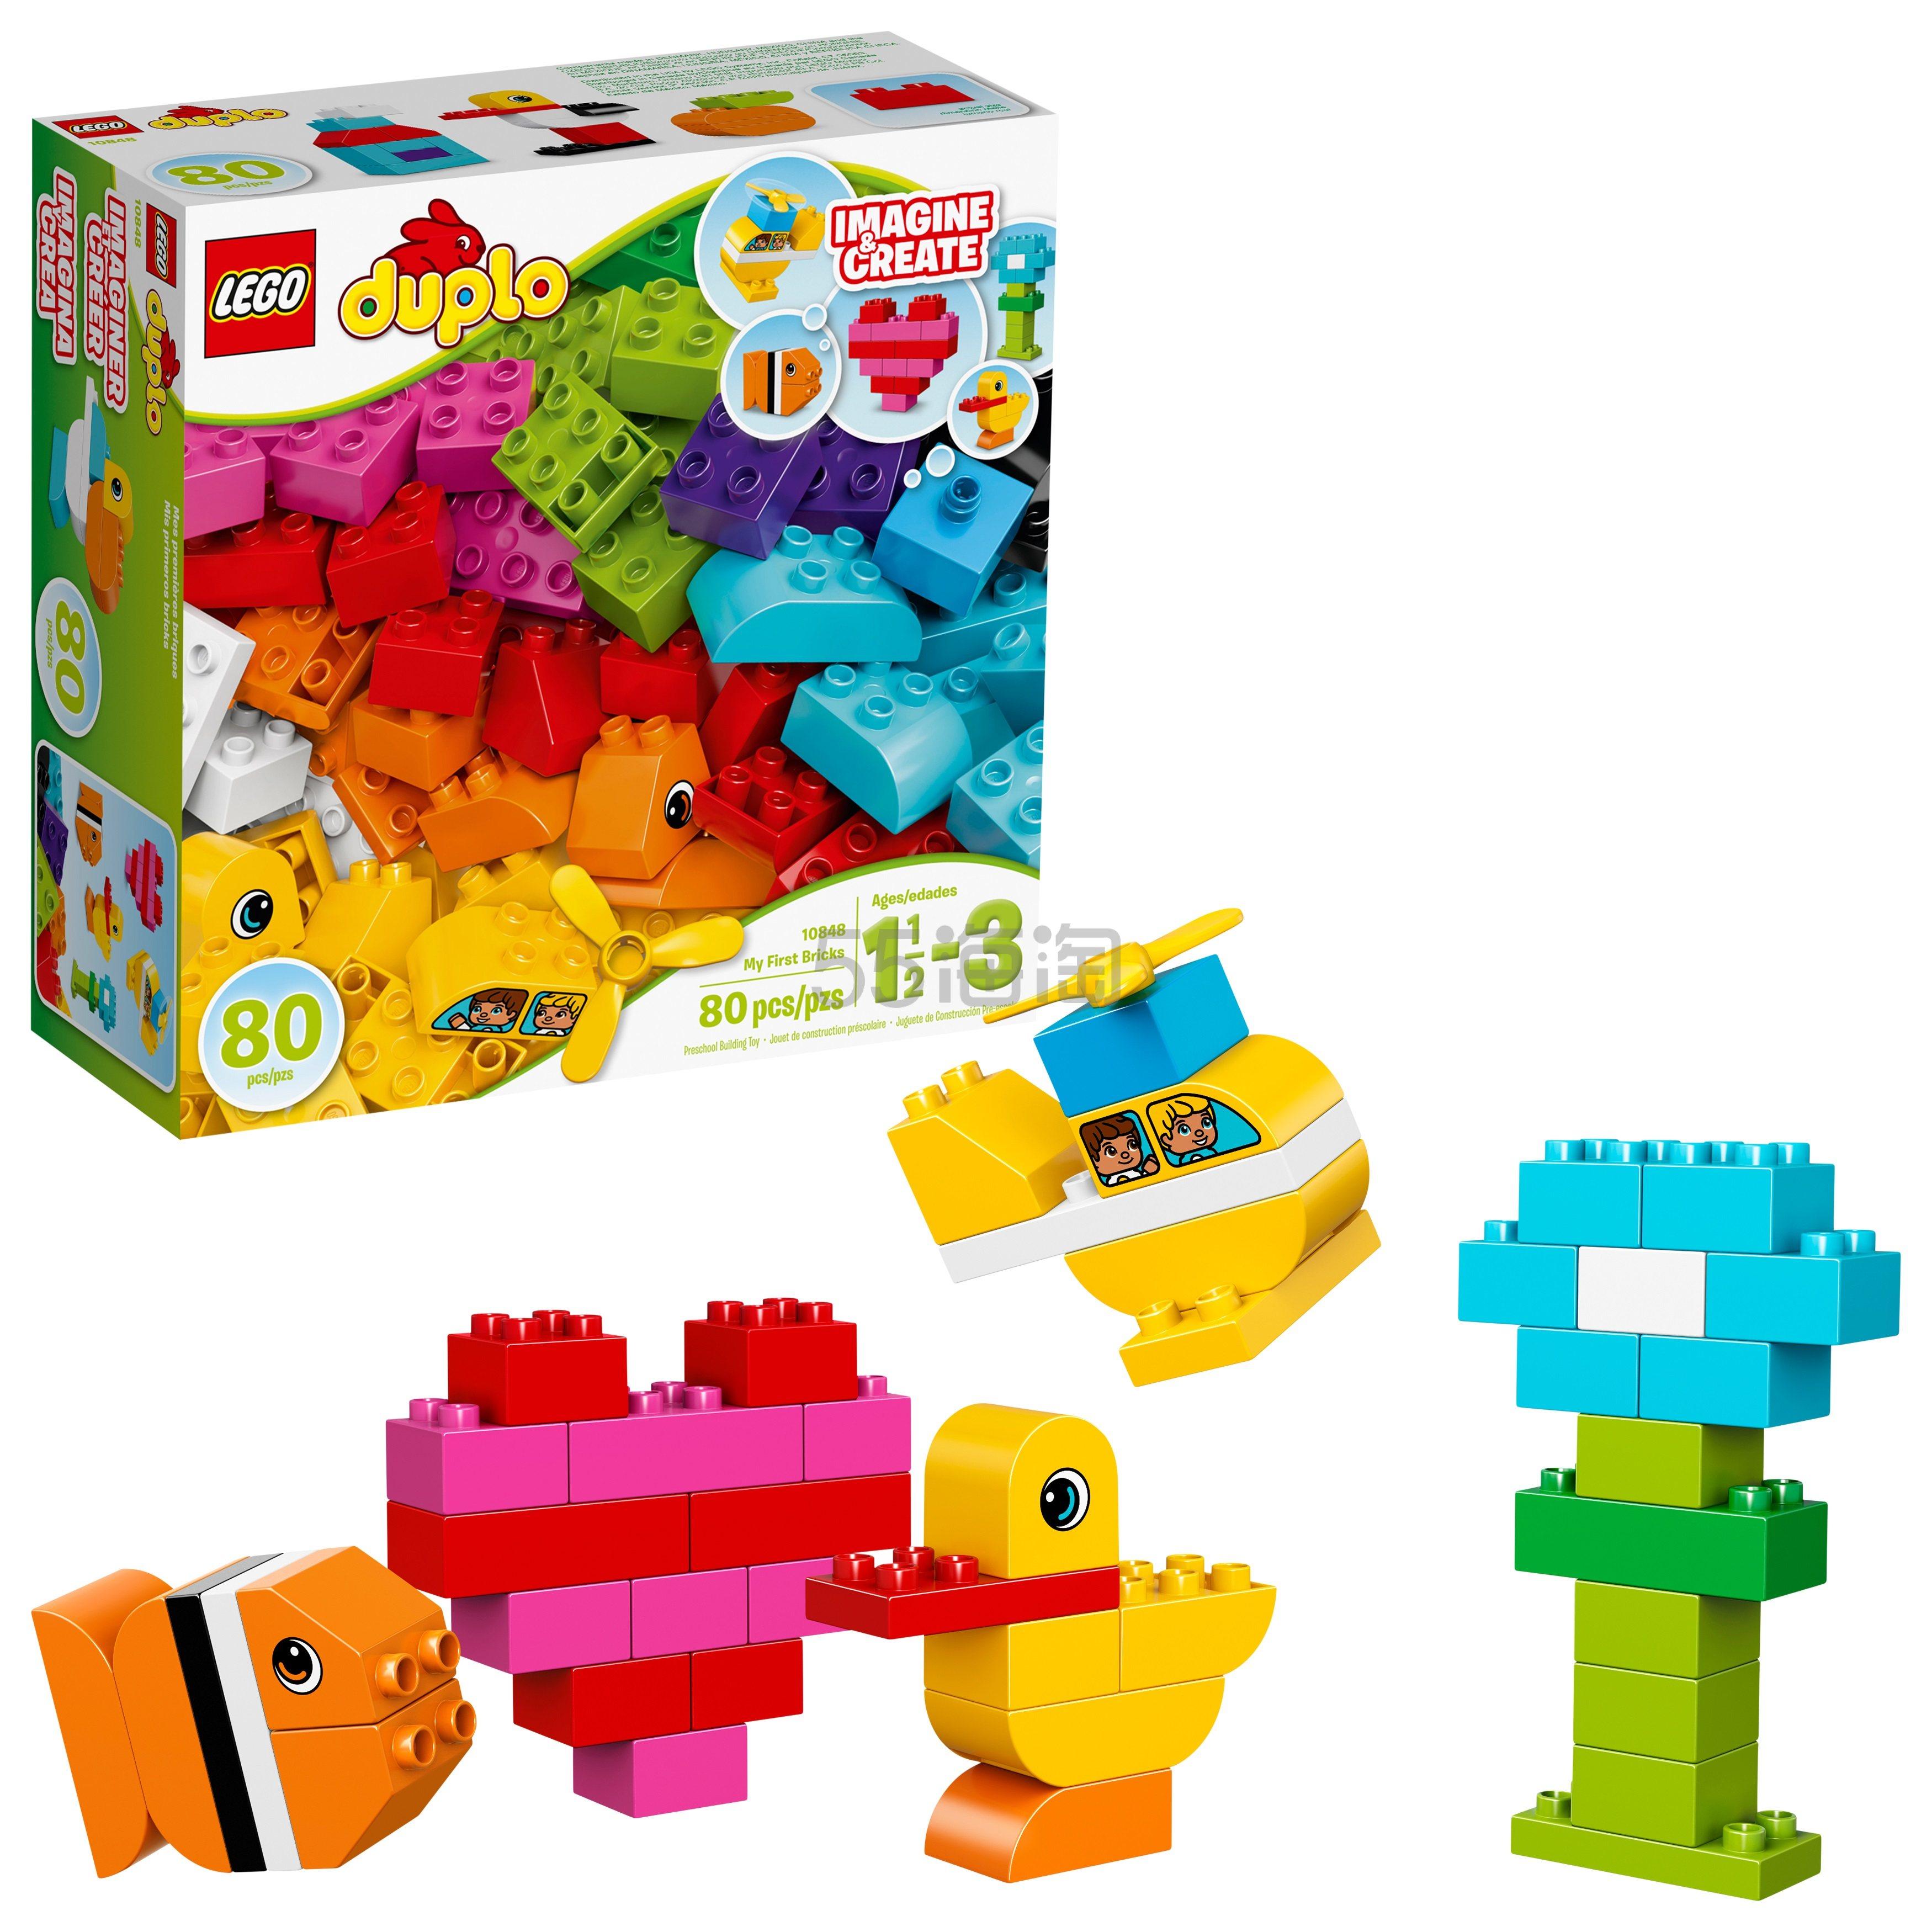 LEGO 乐高 得宝系列 10848 基础儿童拼装积木玩具套装 .99(约93元) - 海淘优惠海淘折扣|55海淘网